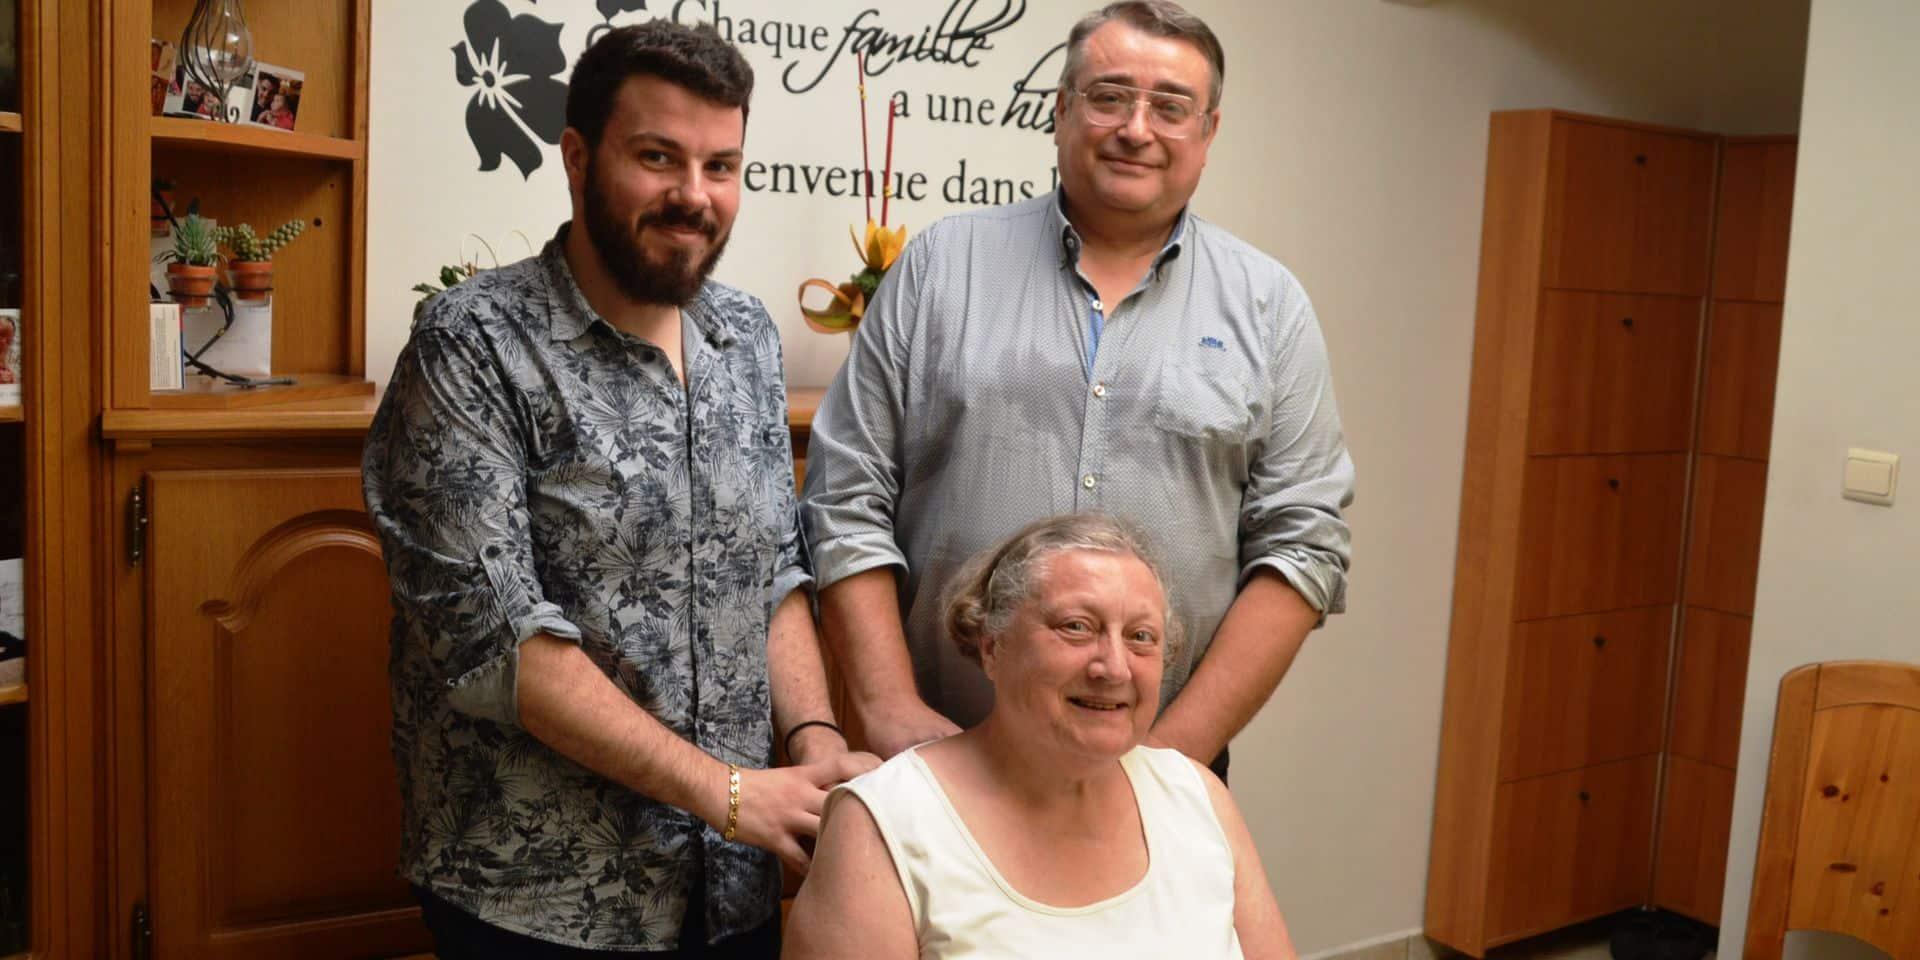 Ici aux côtés de Saverio Ciavarella et de Martine Marichal, Joël Pleyiers revient au CPAS, mais pas dans le même rôle.